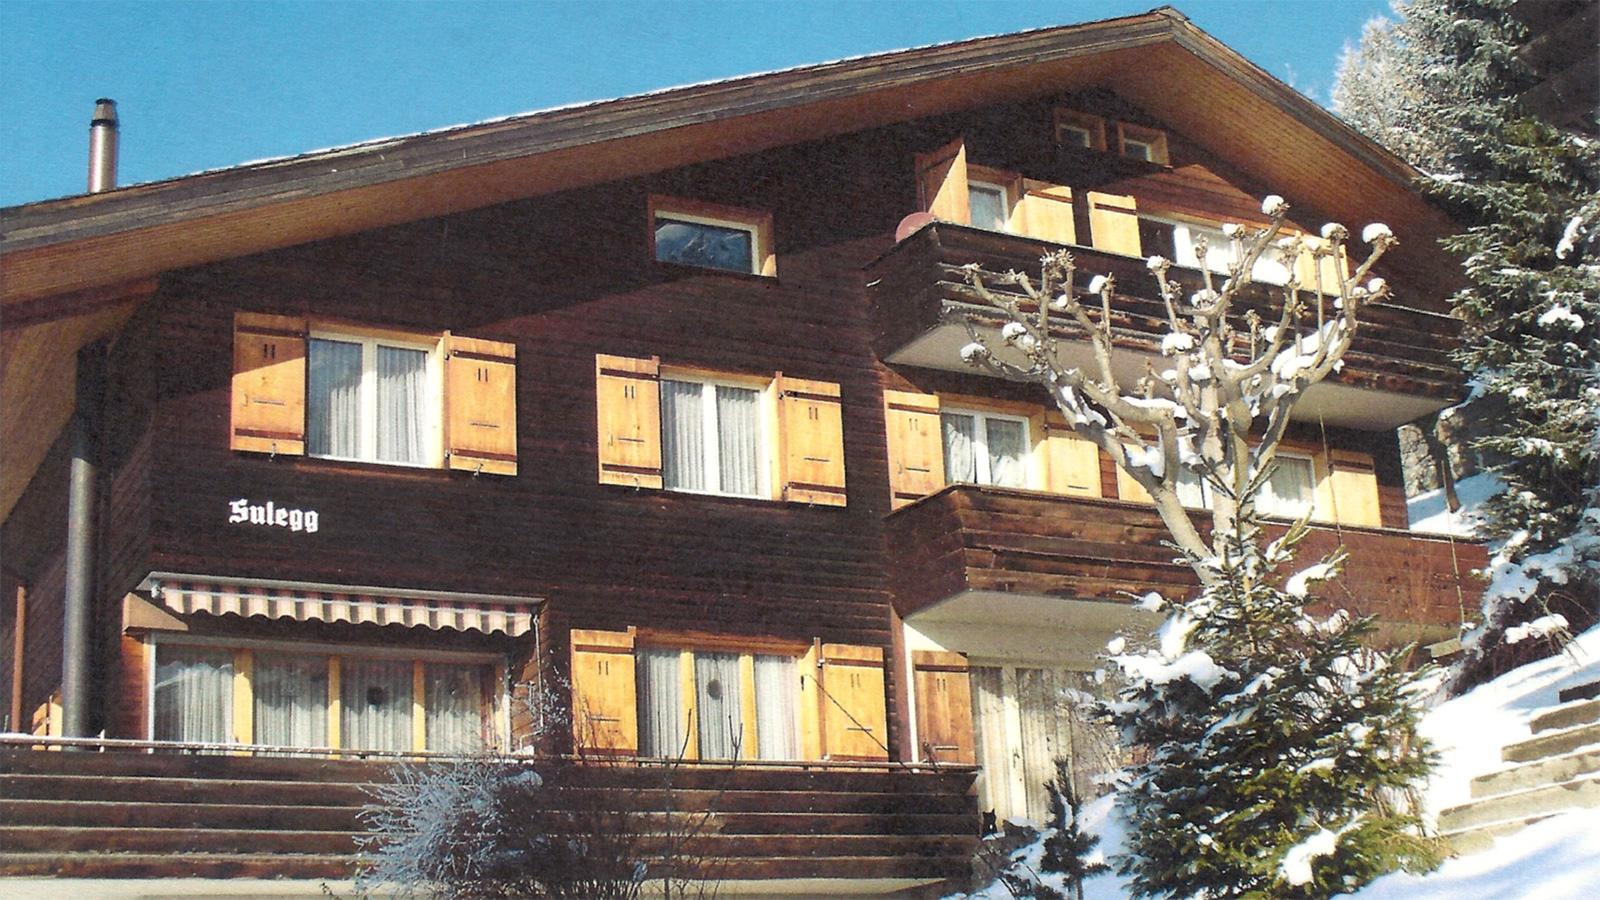 Sulegg Studio Apartments, Switzerland